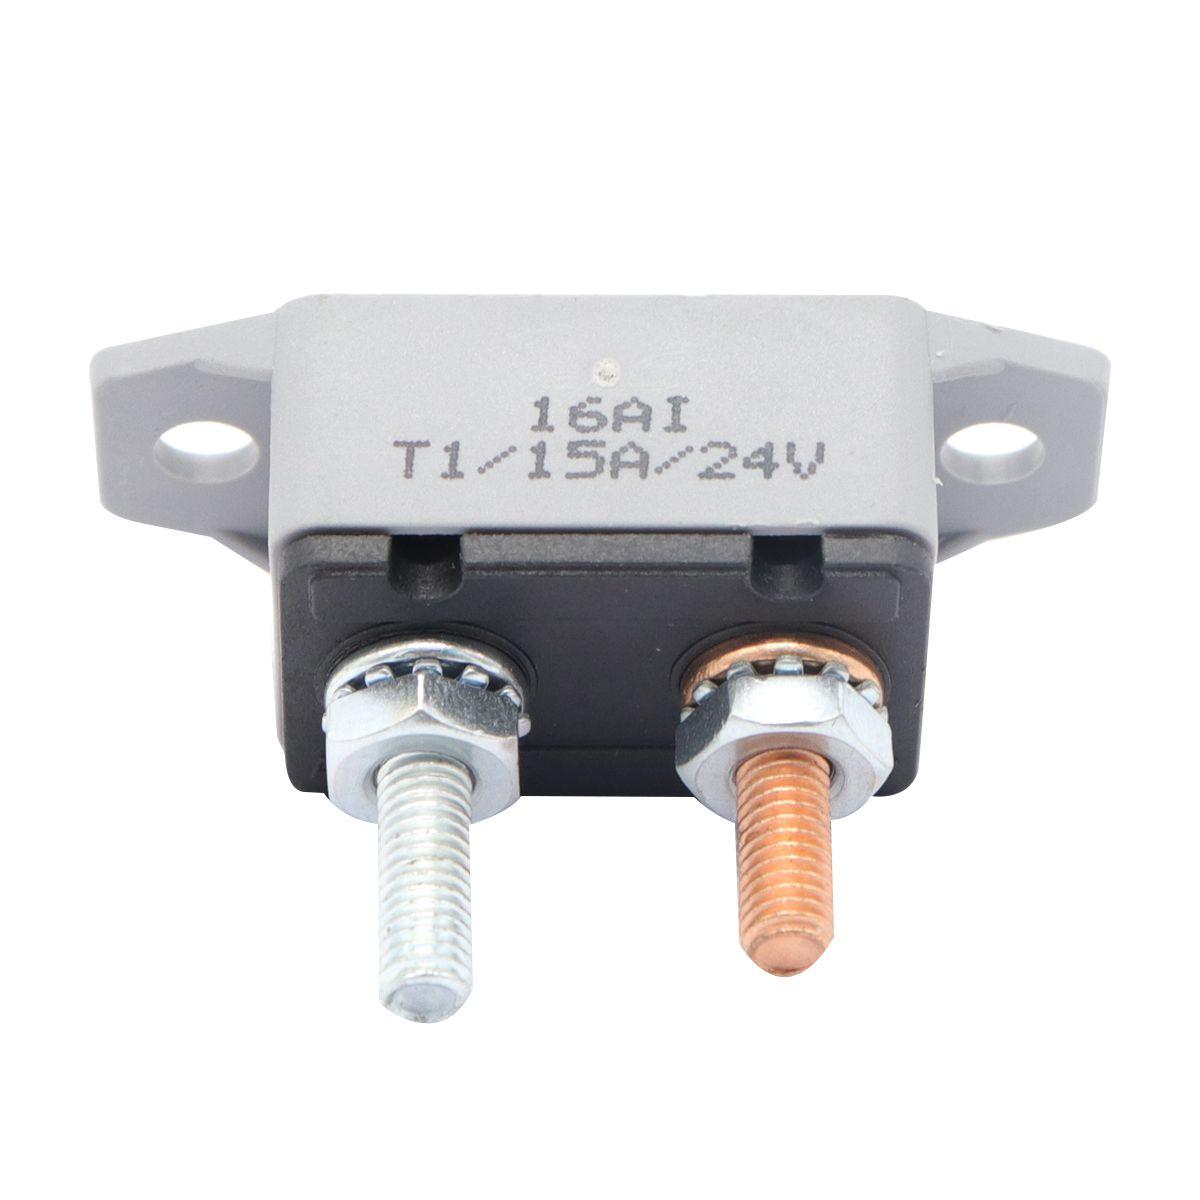 Ajouter un mini-porte-fusible piggyback 10A disjoncteur voiture moteur